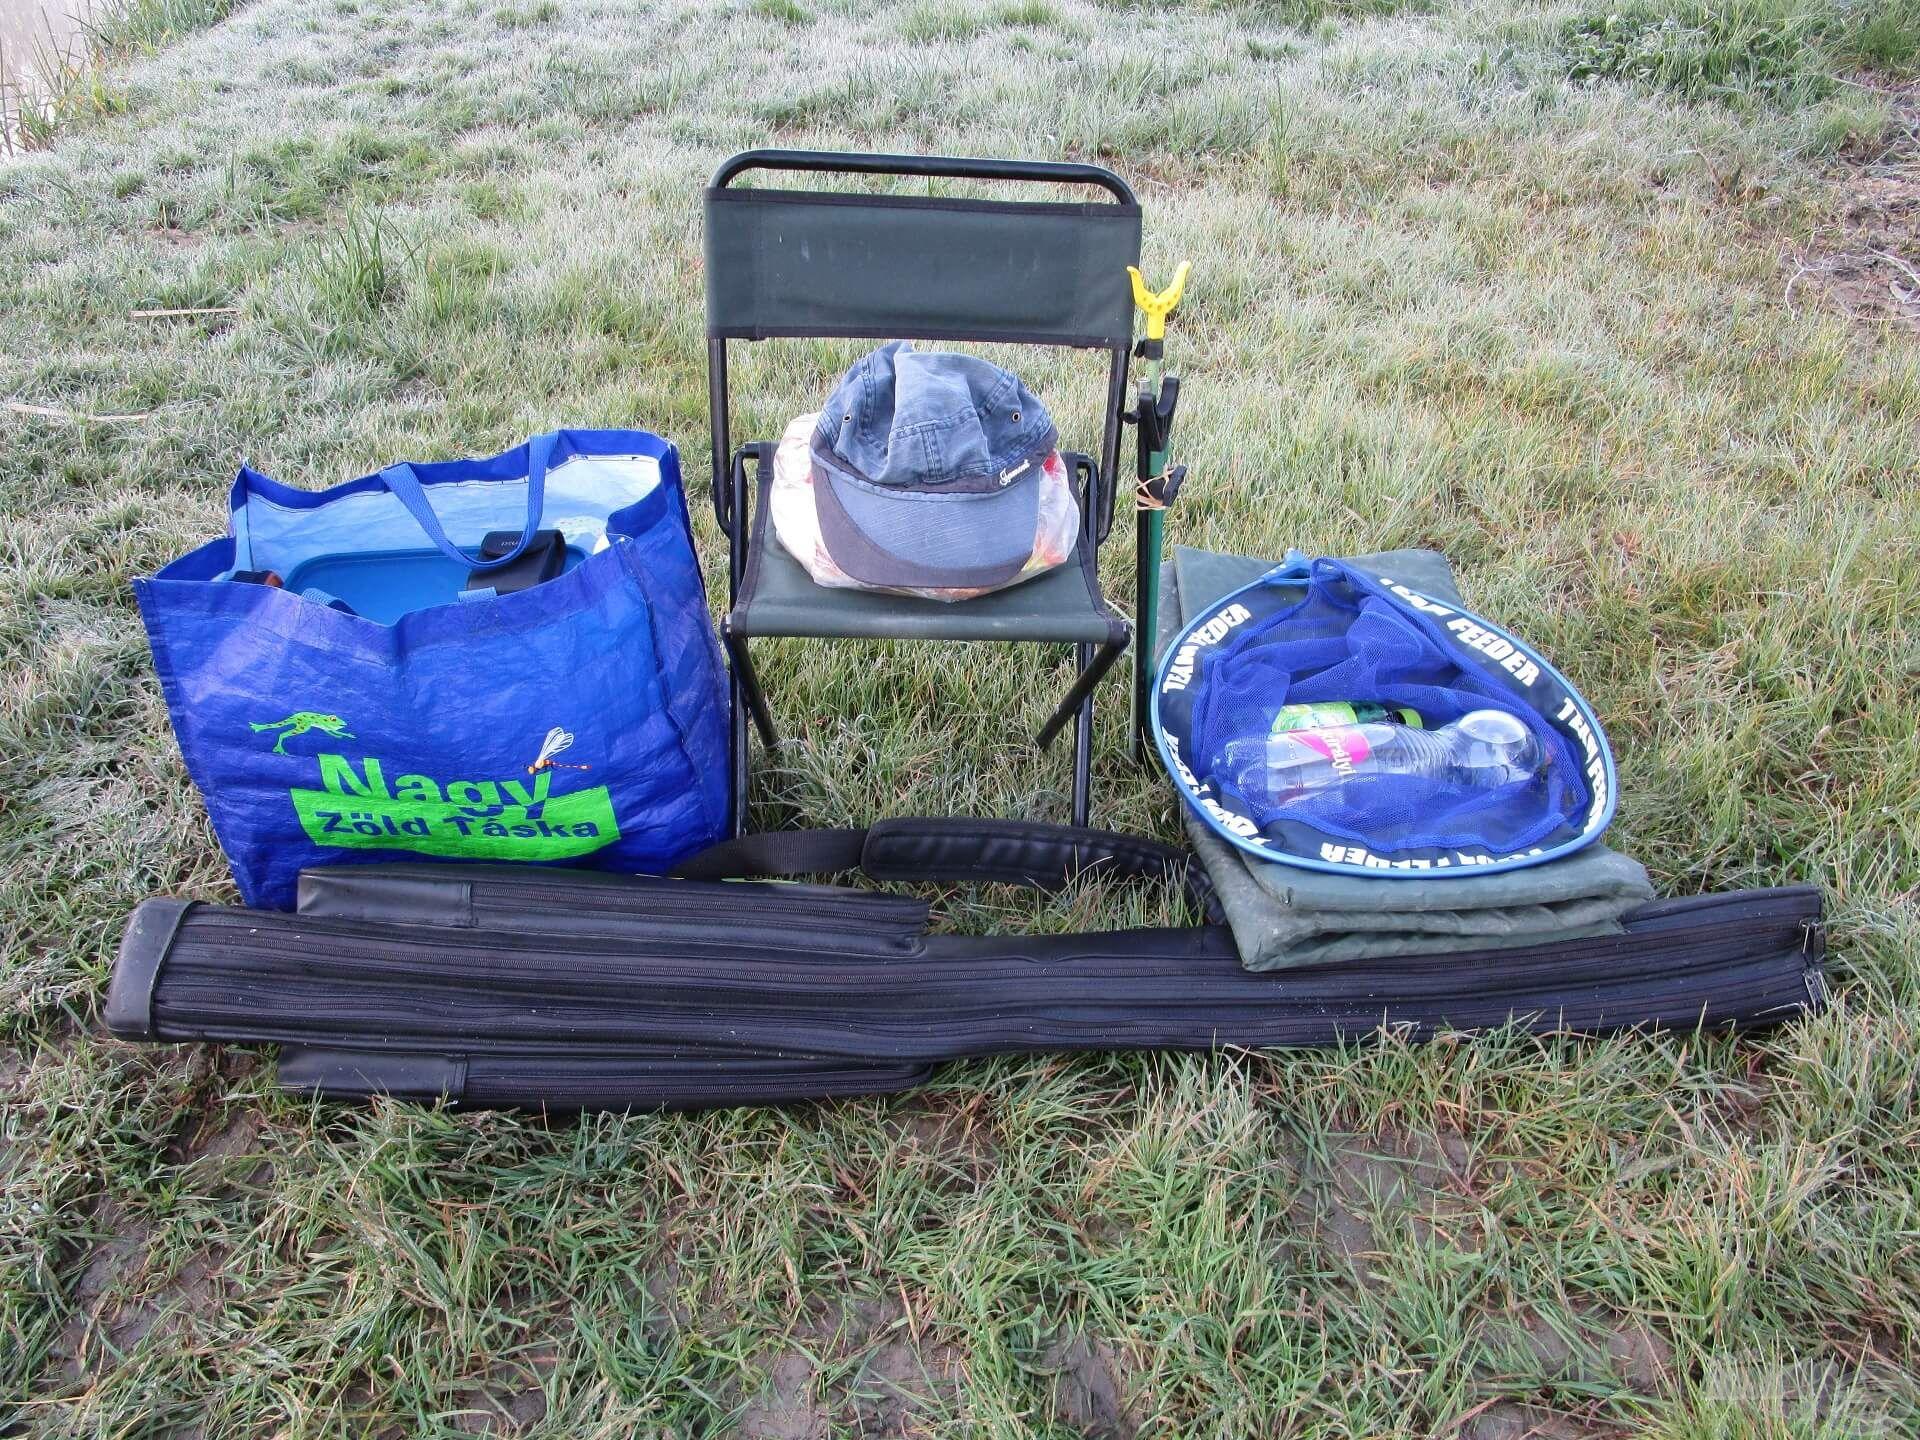 Egy botzsák, egy nagy táska, egy szék és néhány kiegészítő. Ennyi cucc bőven elég lehet, ha keszegezésről van szó